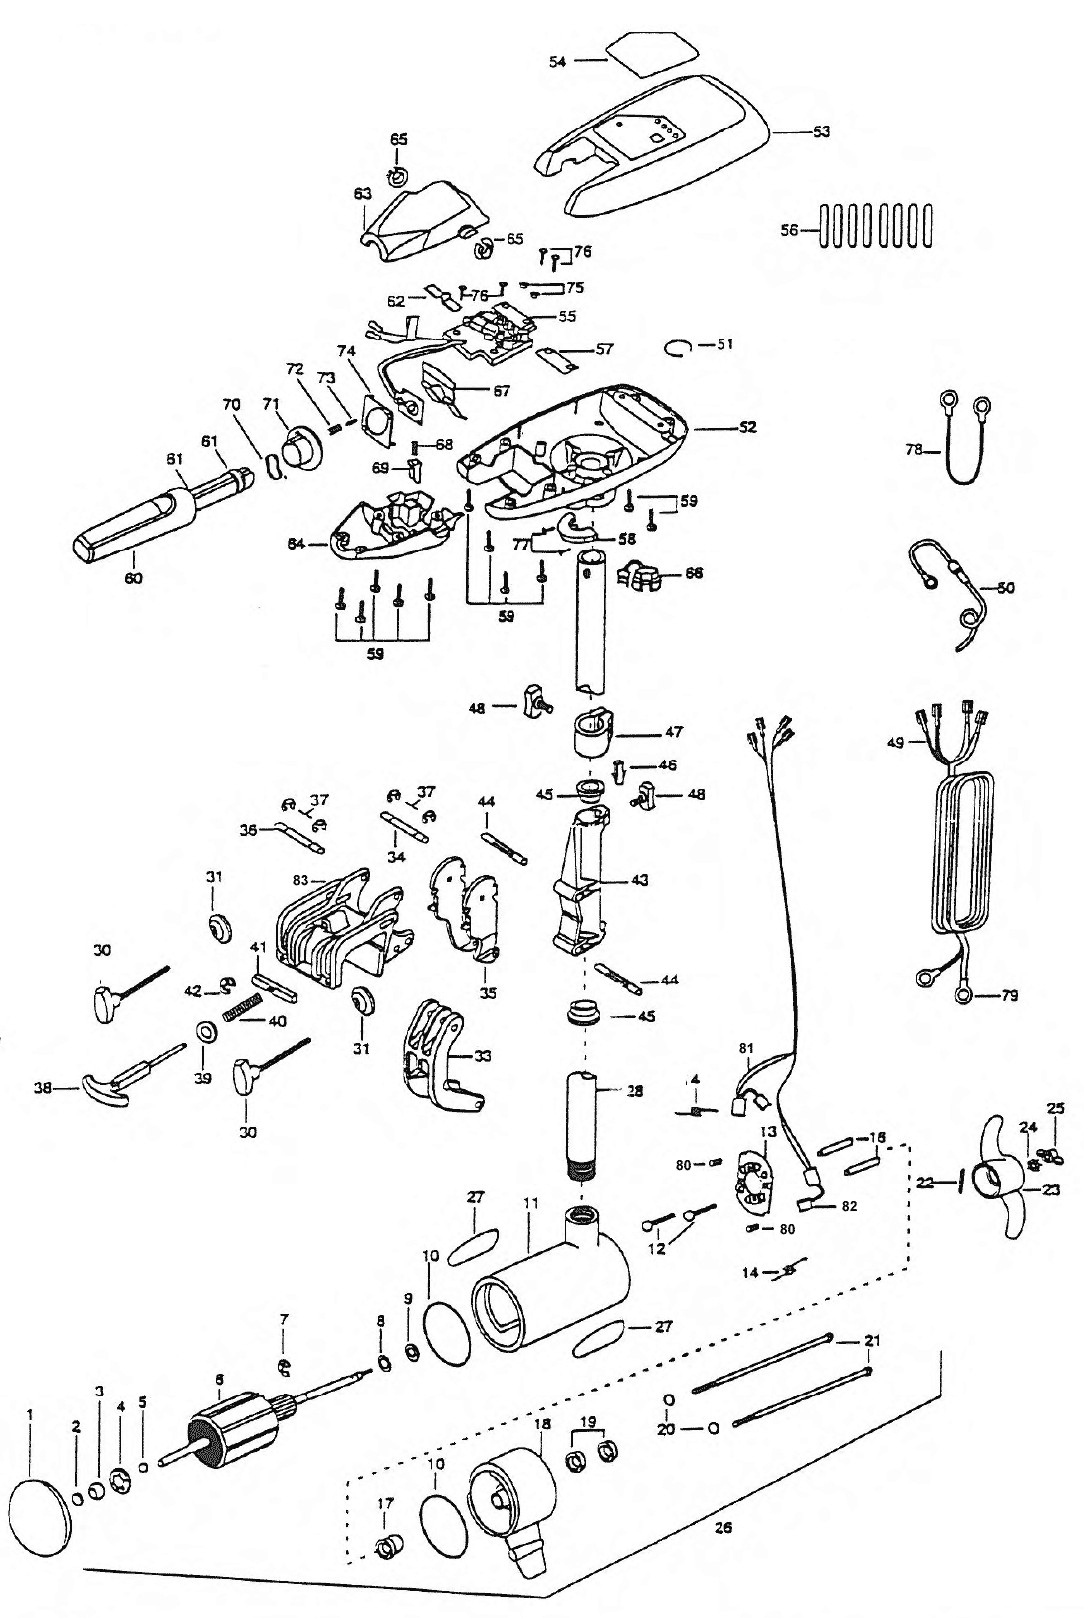 riptide wiring schematic